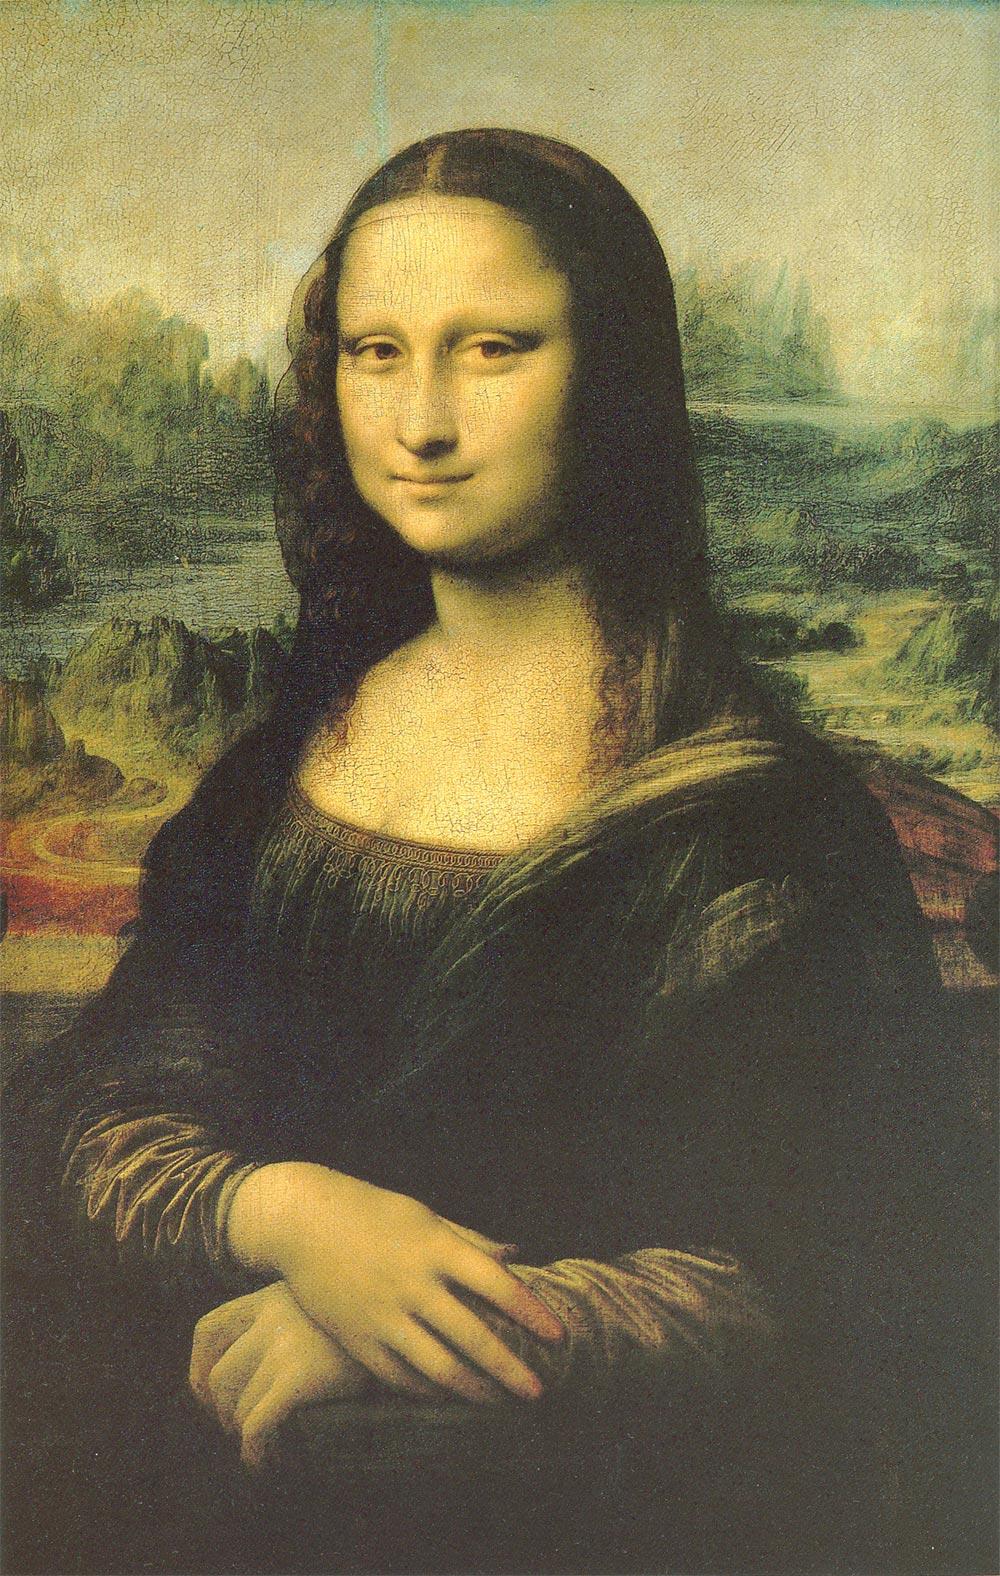 レオナルドの眼(4)永遠の謎――解き放たれぬ微笑の呪縛(美の美)_d0066343_0153482.jpg